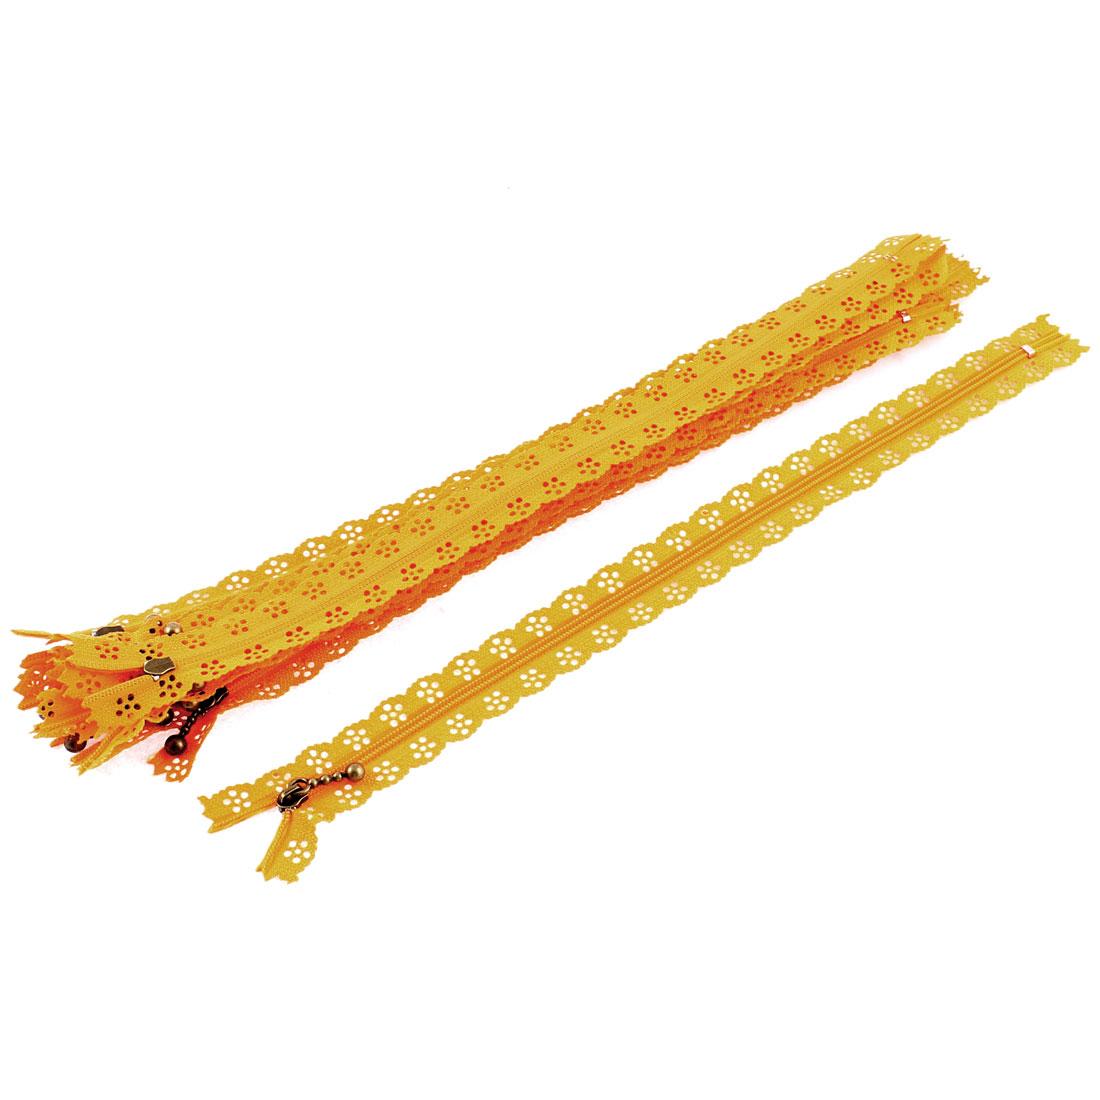 10 Pcs Orange Lace Edged Zip Closed End Zipper 30cm Long